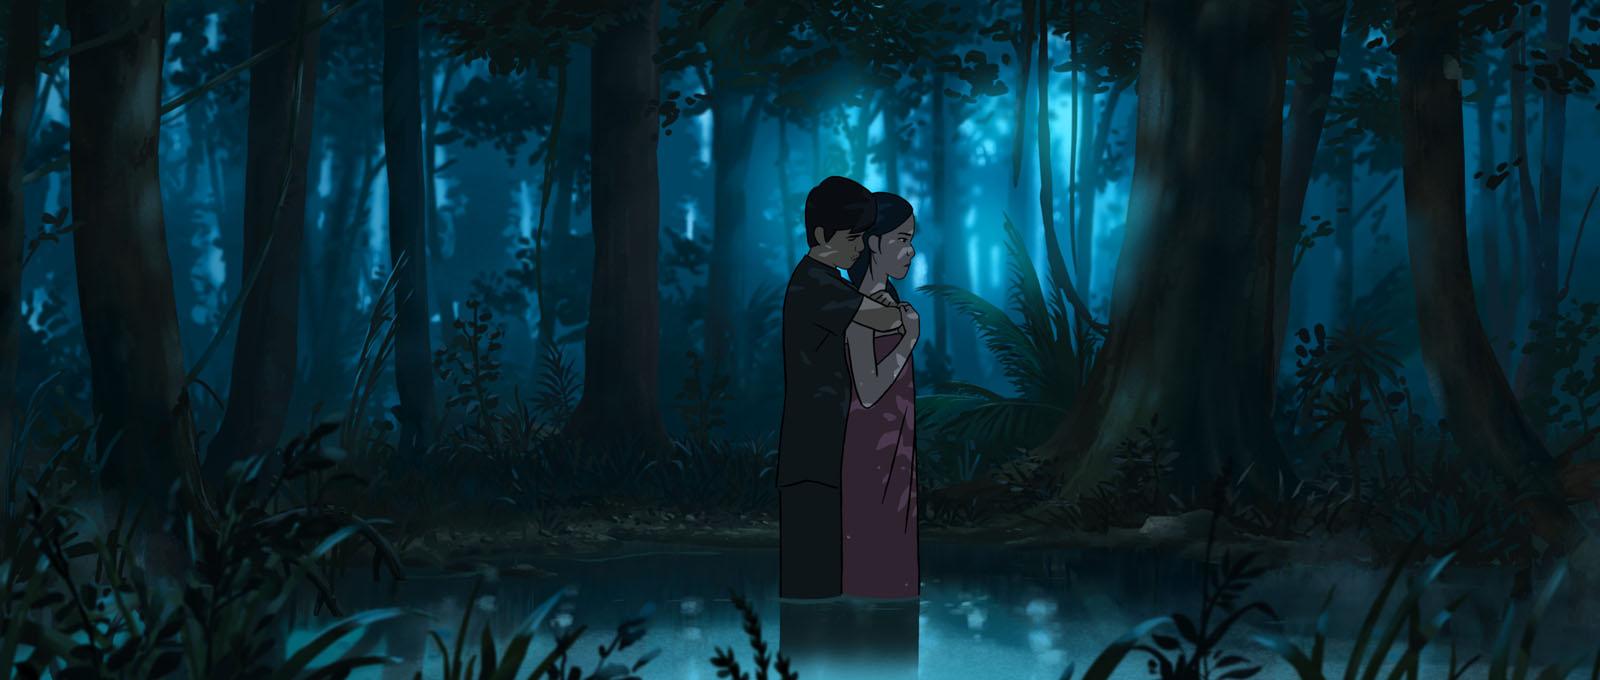 Festival du film d'animation d'Annecy Funan Festival film animation annoy 2018 Denis Do Cristal meilleur long métrage